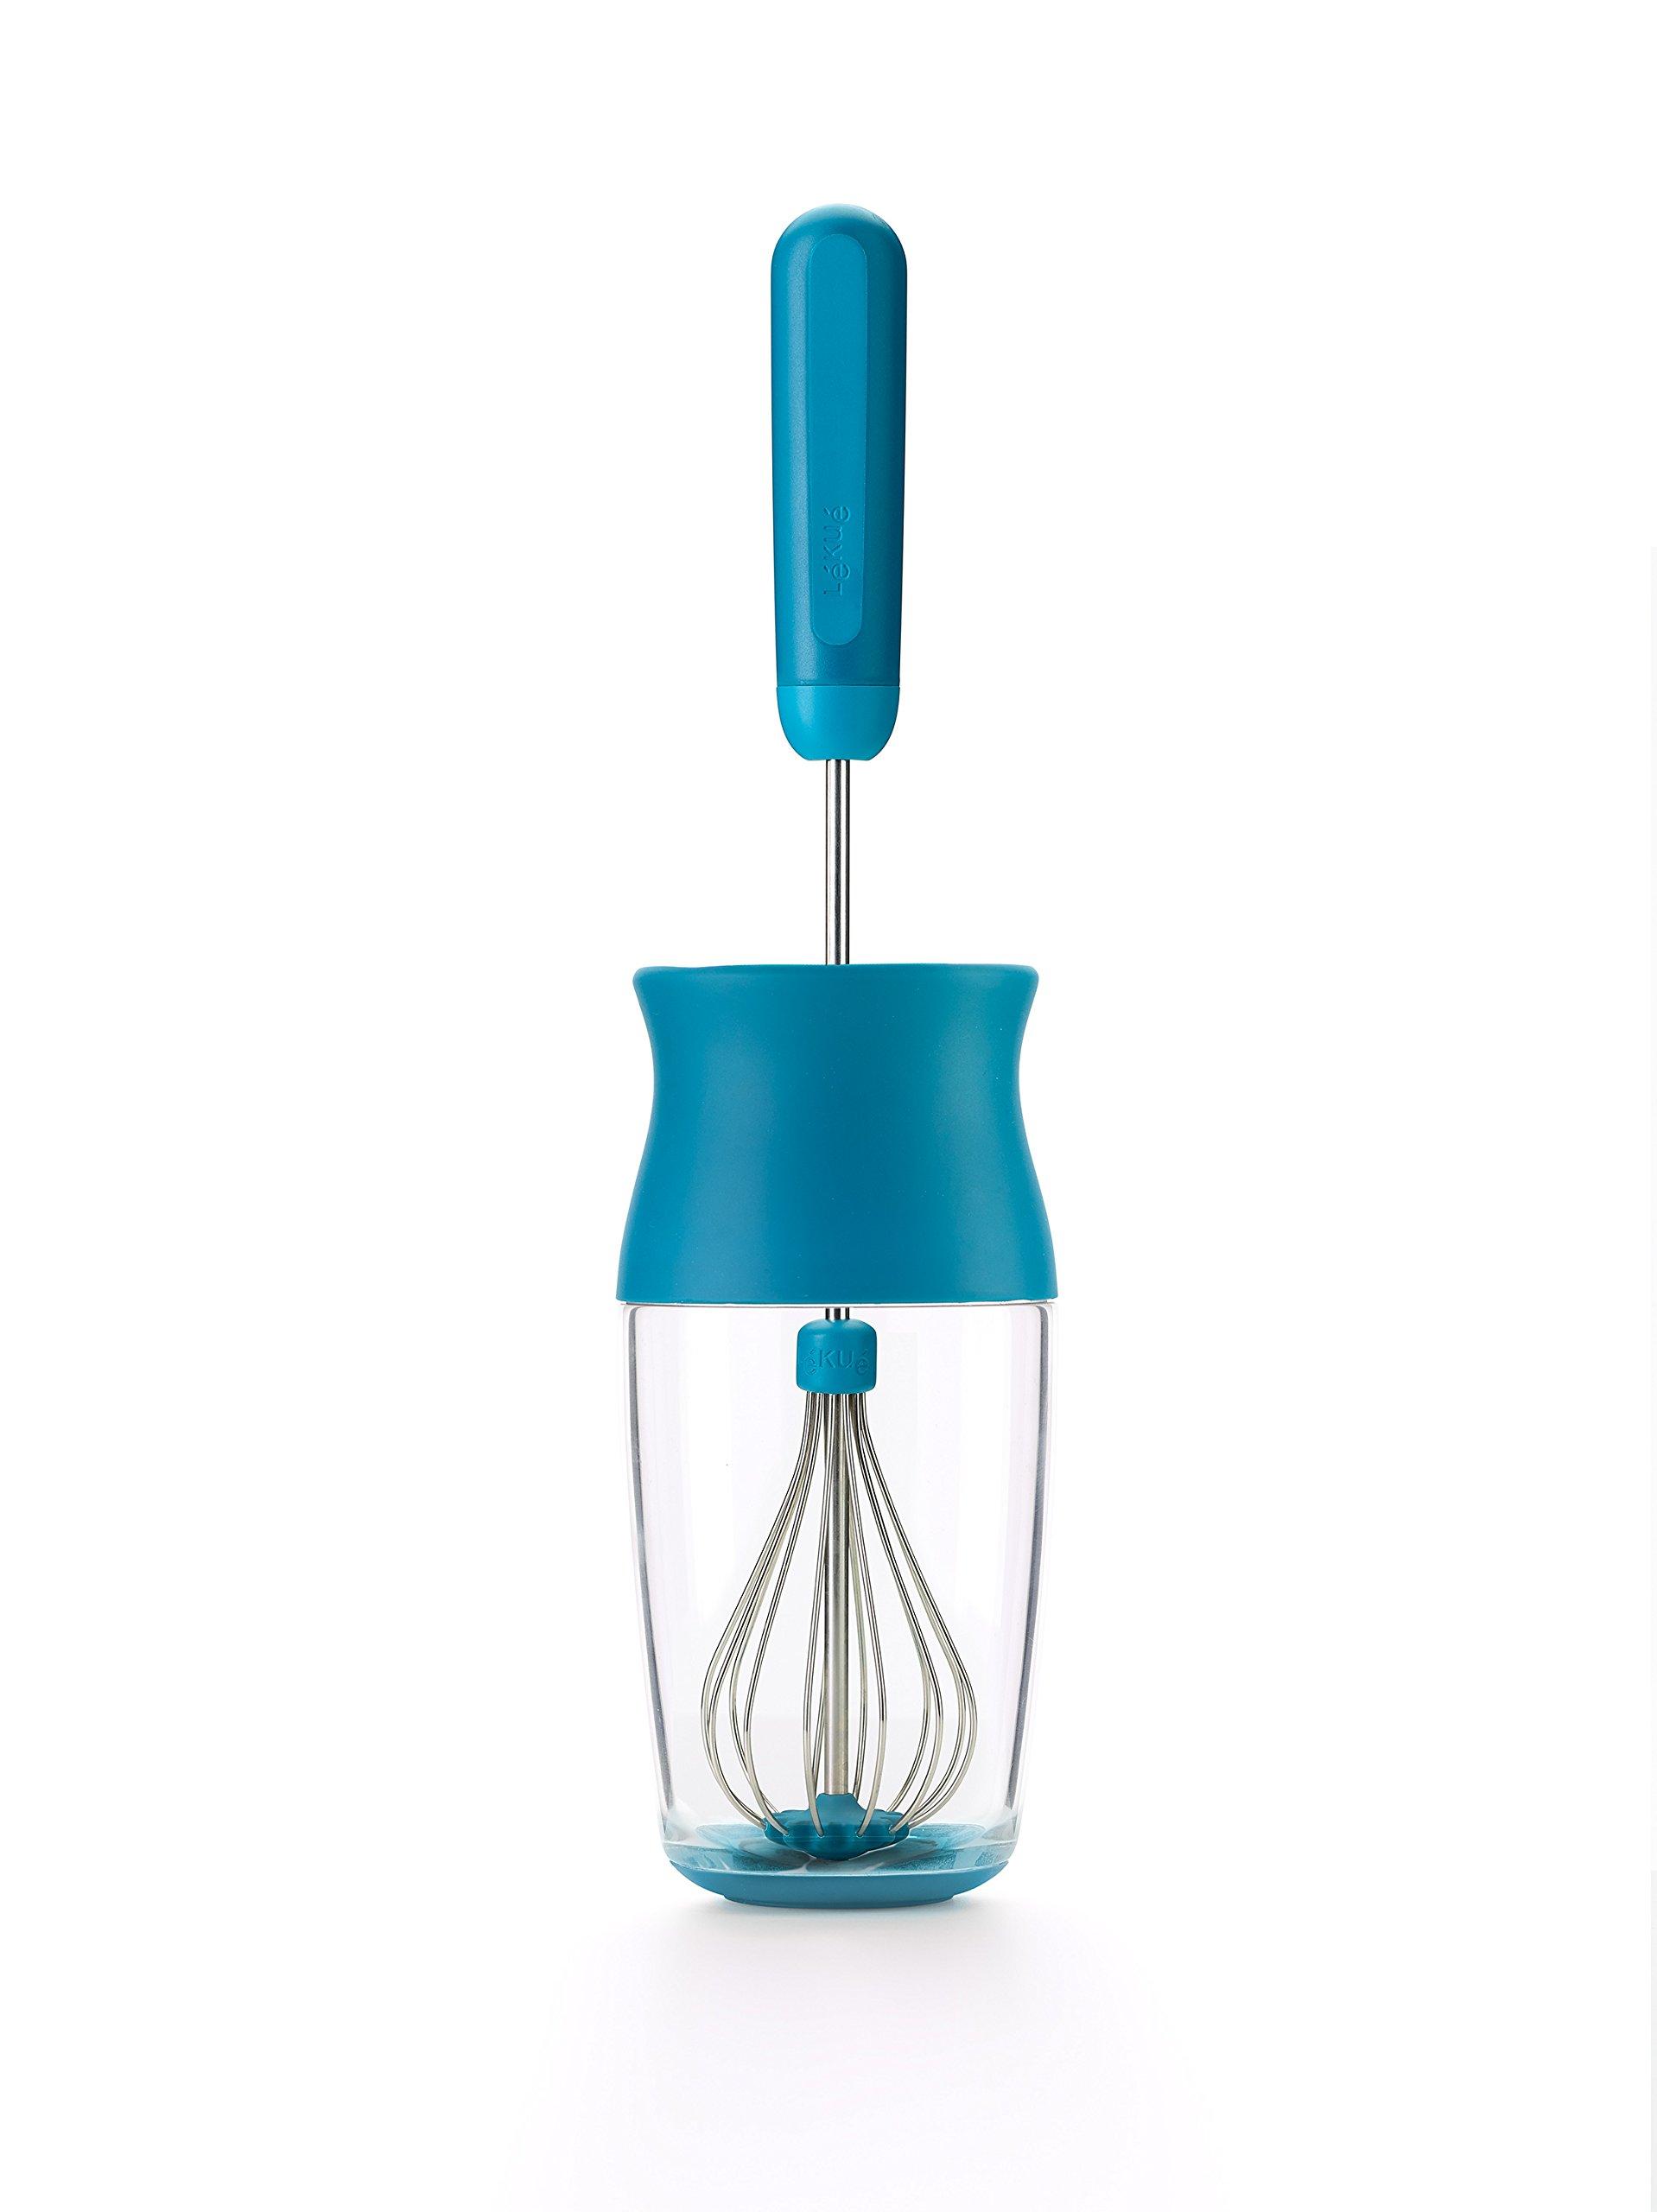 Lekue Multi Blender Kit Set Includes Batter Shaker & 2 Interchangable Whisks, Blue